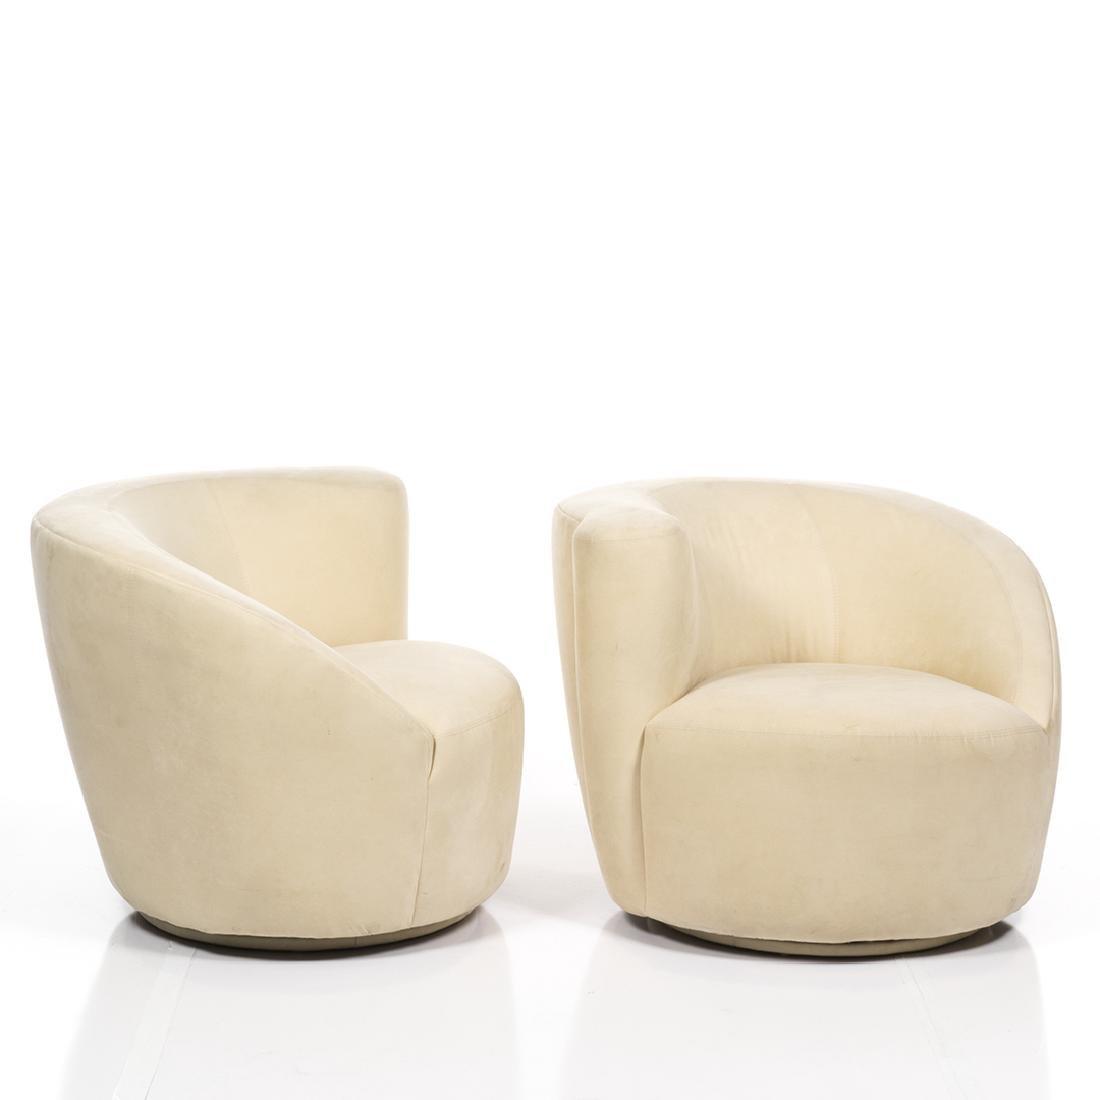 Vladimir Kagan Nautilus Chairs and Ottoman (3) - 2